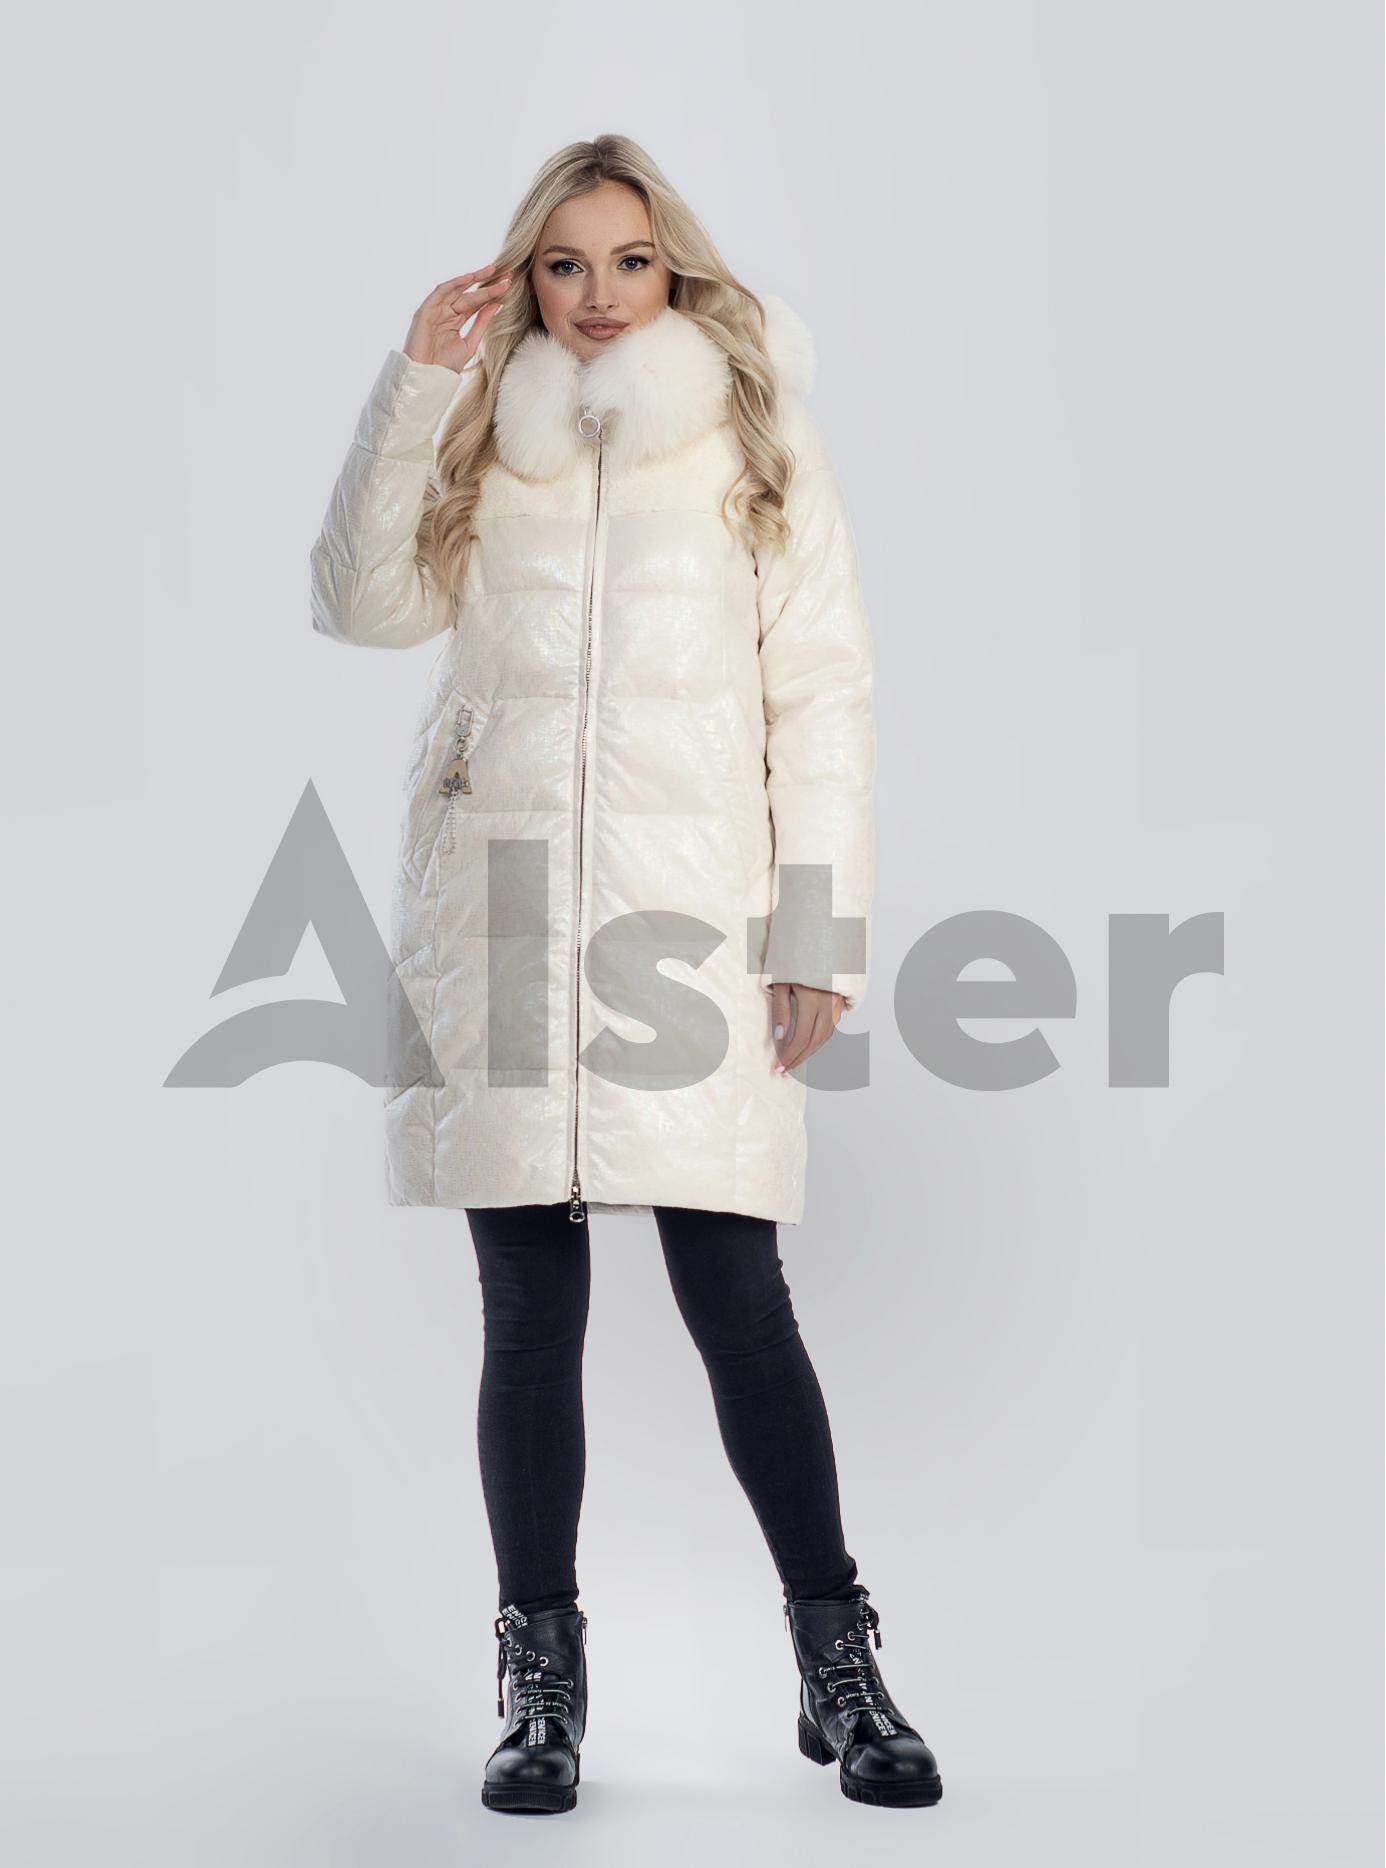 Зимова жіноча куртка з хутром Бежевий L (05-SV201214): фото - Alster.ua